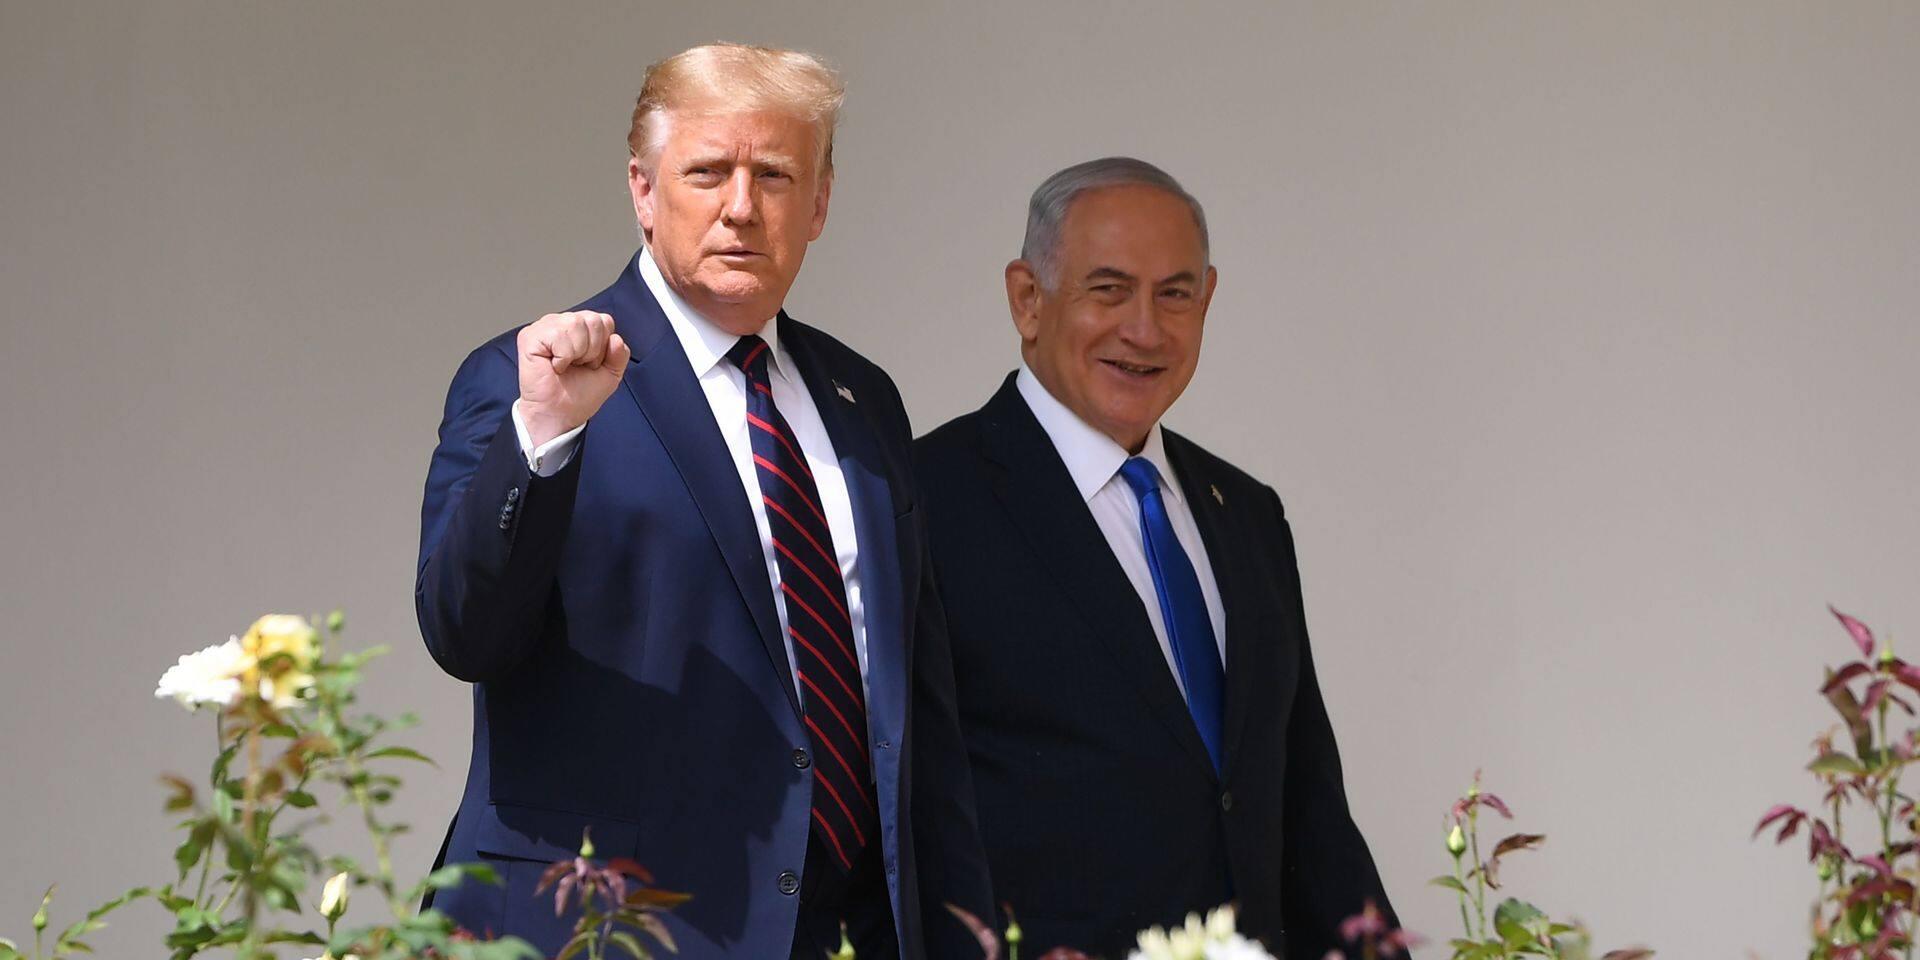 Le soulagement se devine dans les félicitations adressées au nouveau président